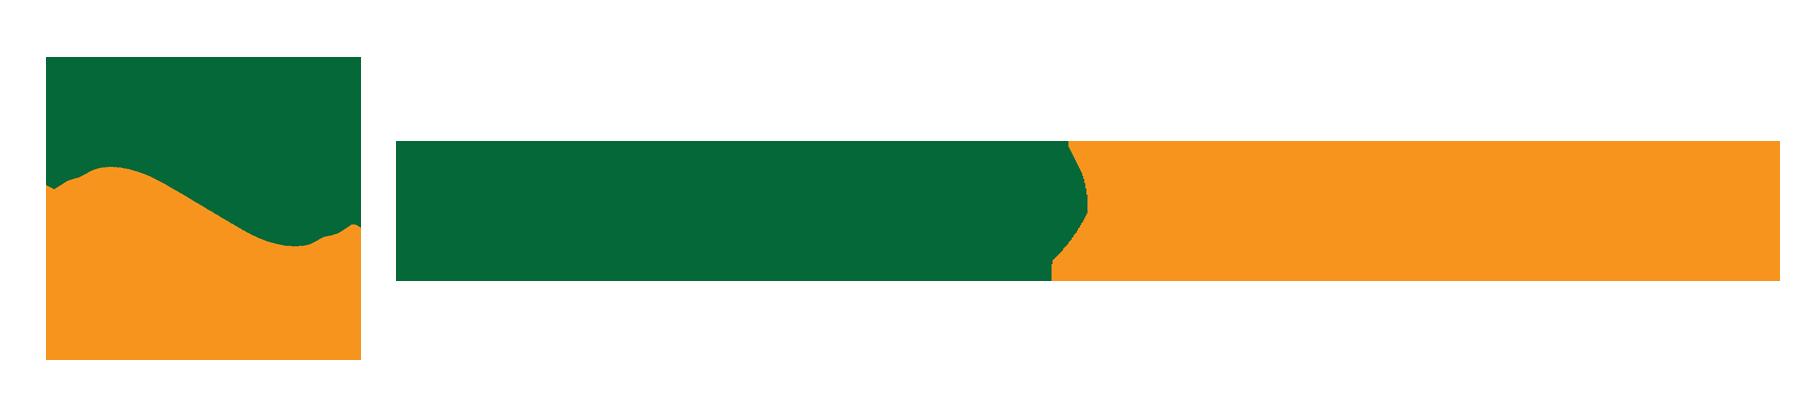 Irpan Haeroni Berharap PT Agro Jabar Terus Hasilkan Produk Pertanian Yang Unggul